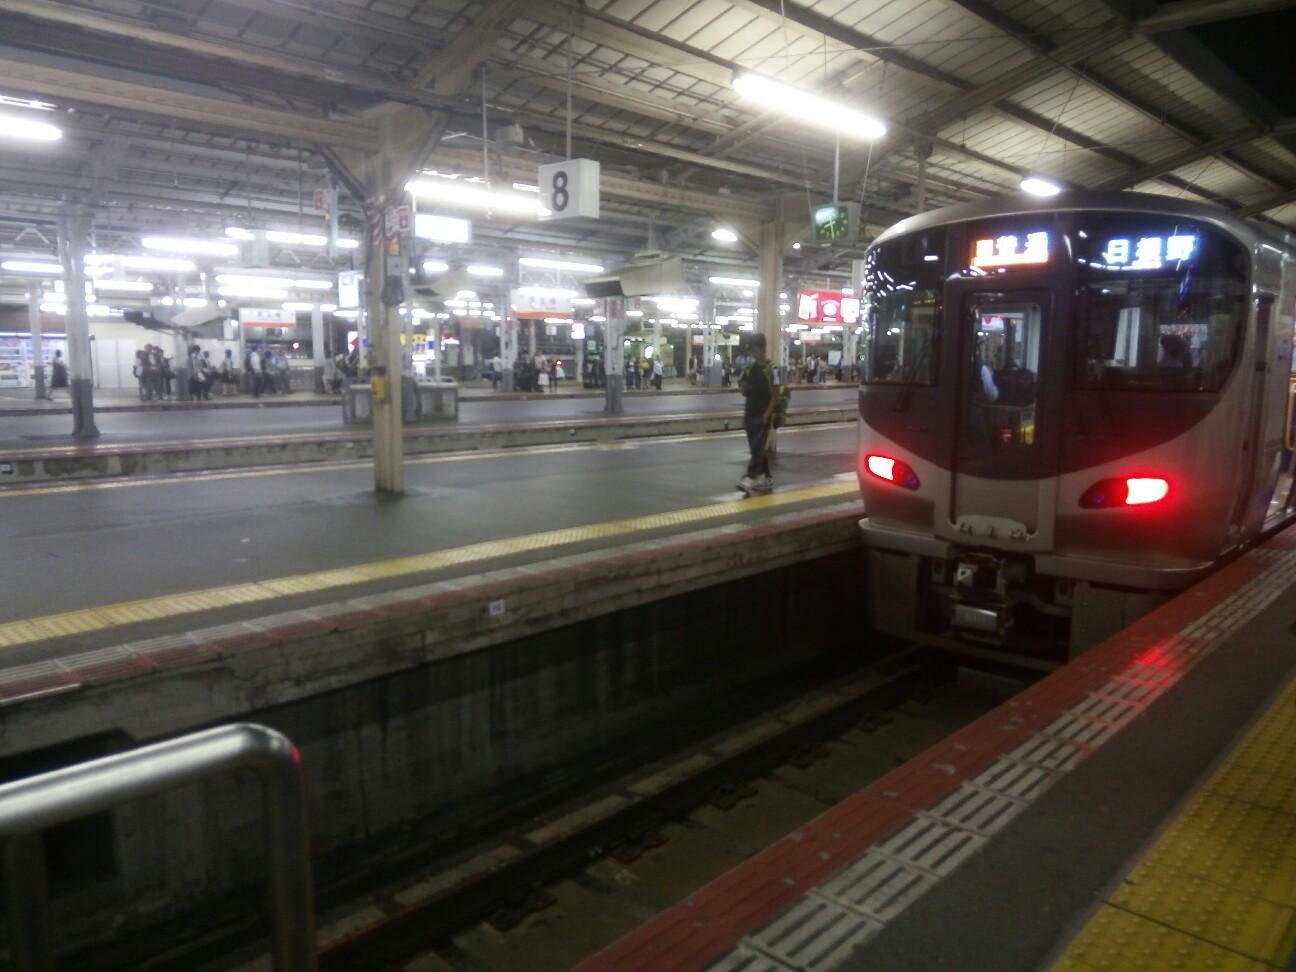 f:id:Osakaloopline:20171001002557j:image